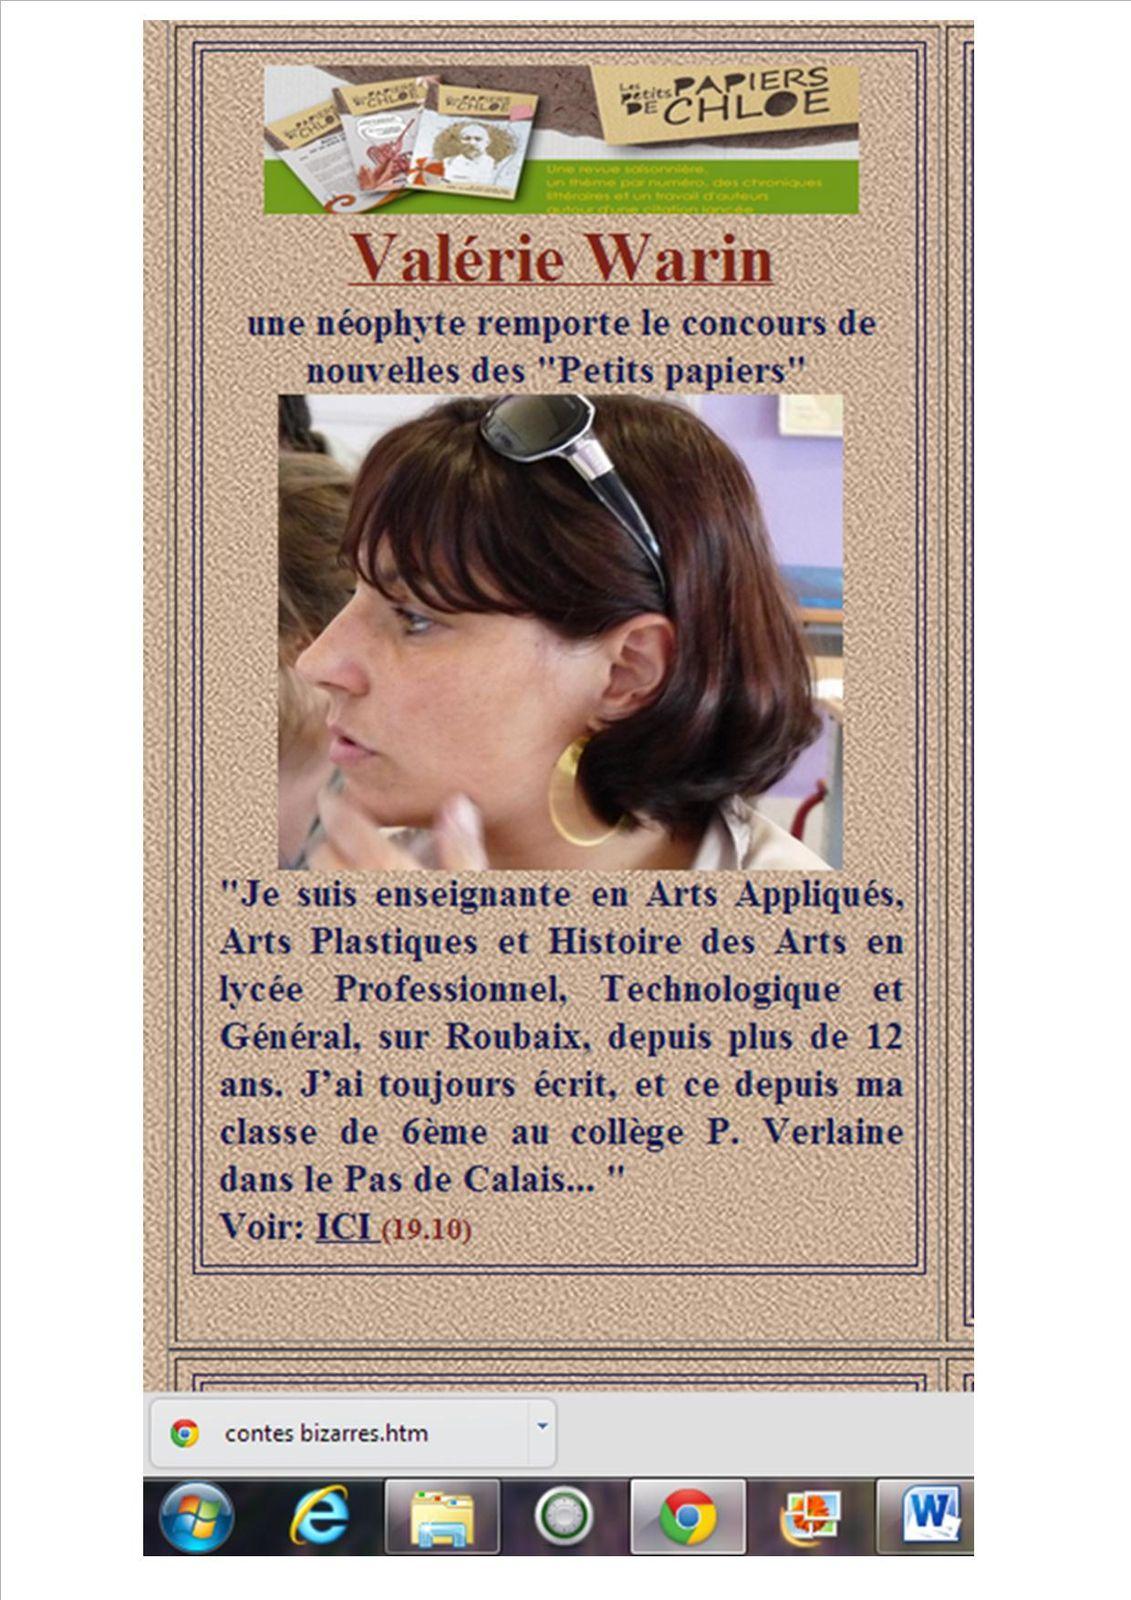 L'actu de chez Chloé des lys 19.10.2012